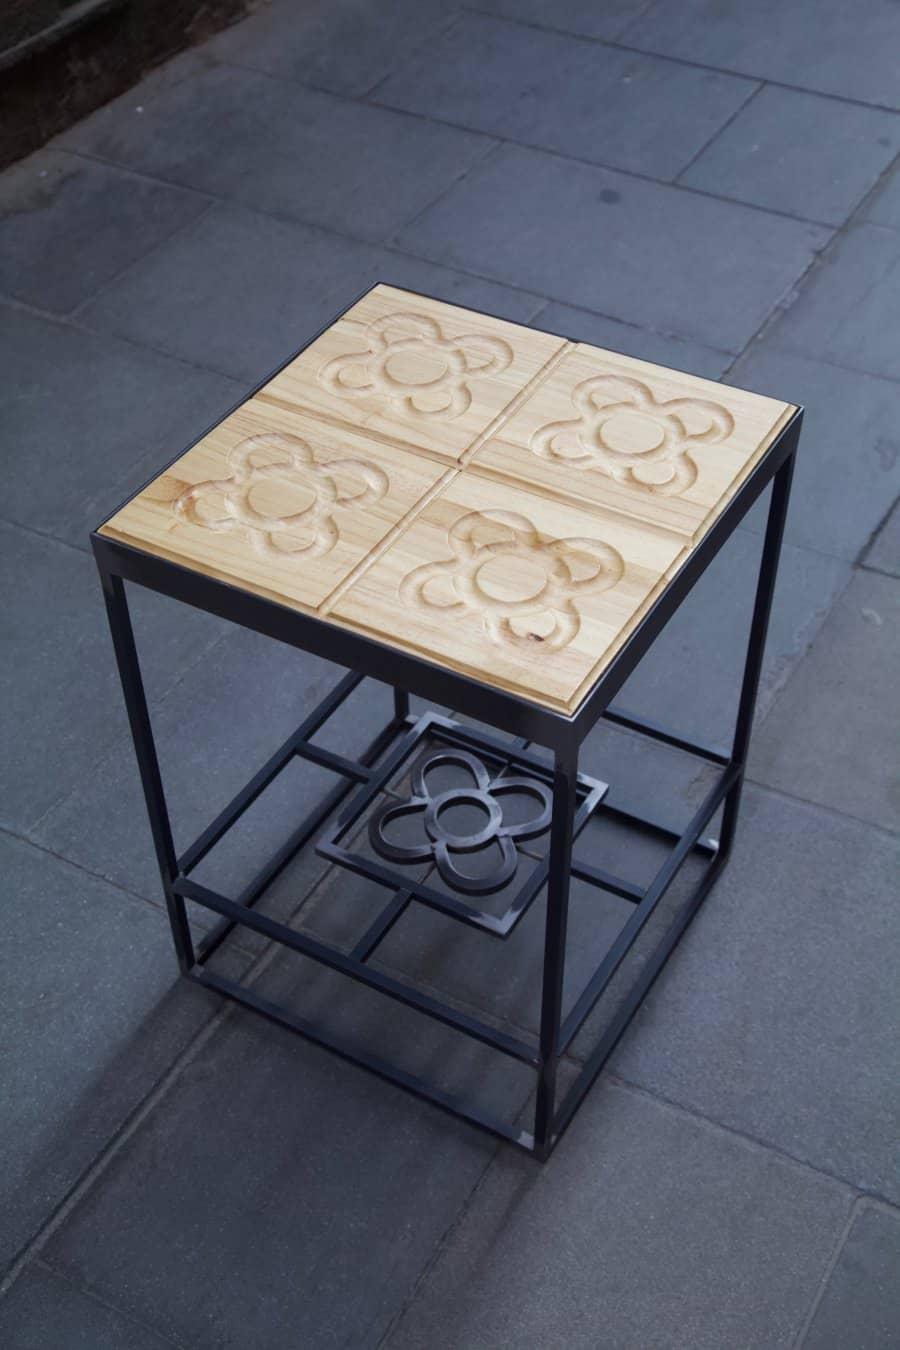 Mesa hecha con estructura de hierro y panots flor de barcelona en madera desde arriba